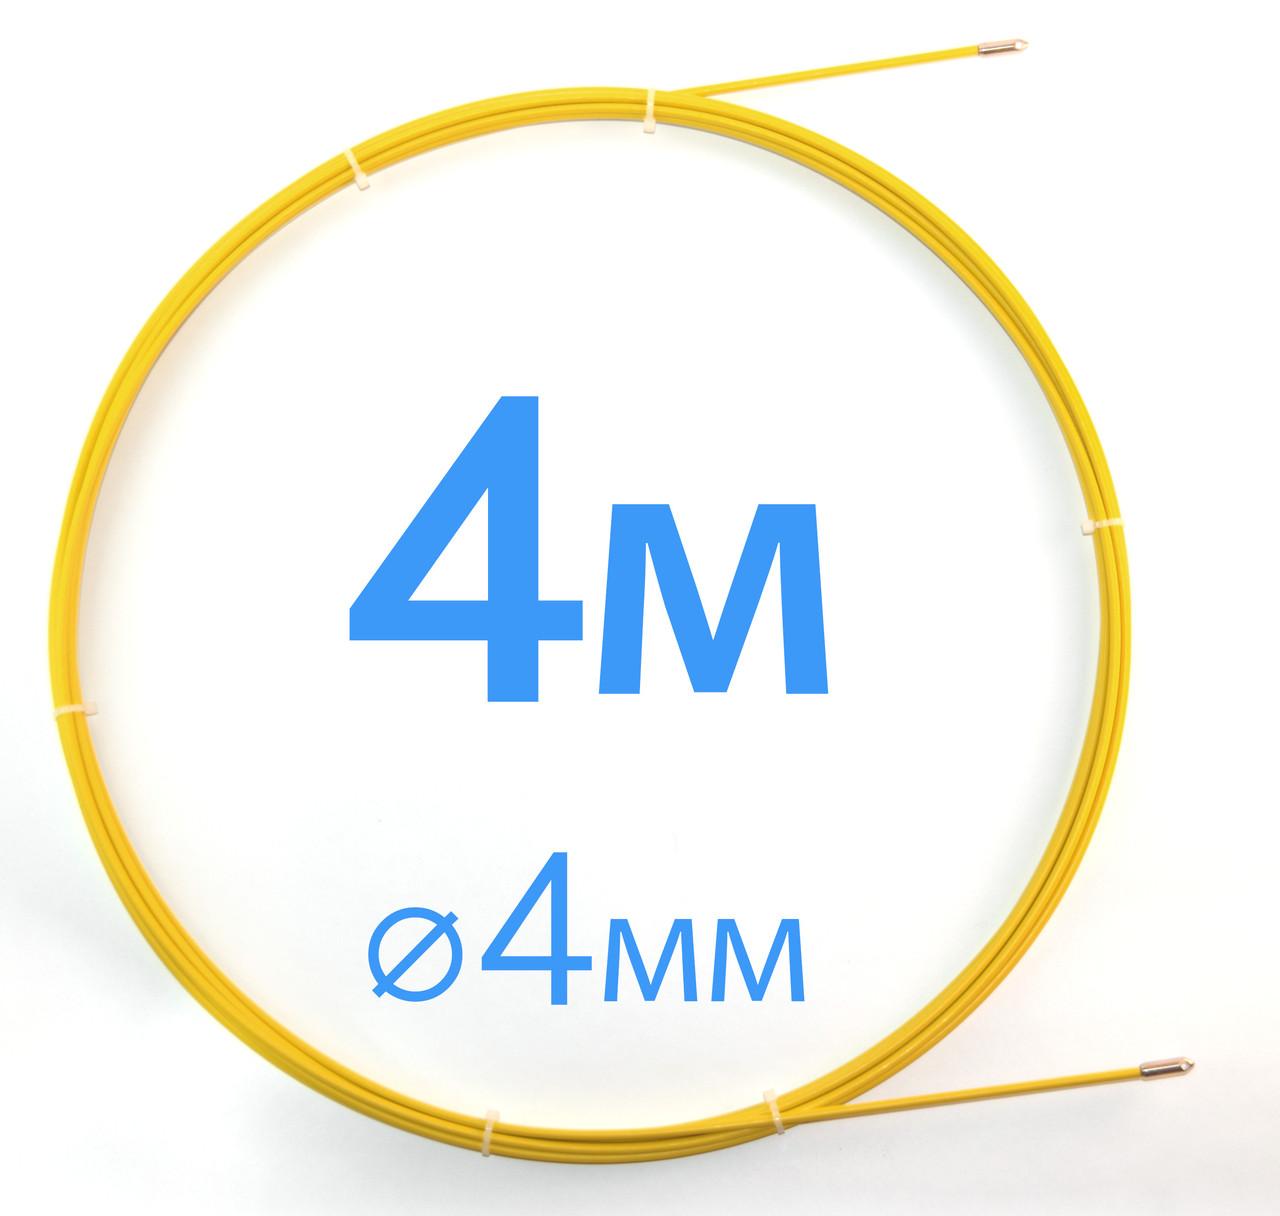 Кабельная протяжка 4мм х 4м - стеклопруток (стекловолокно)